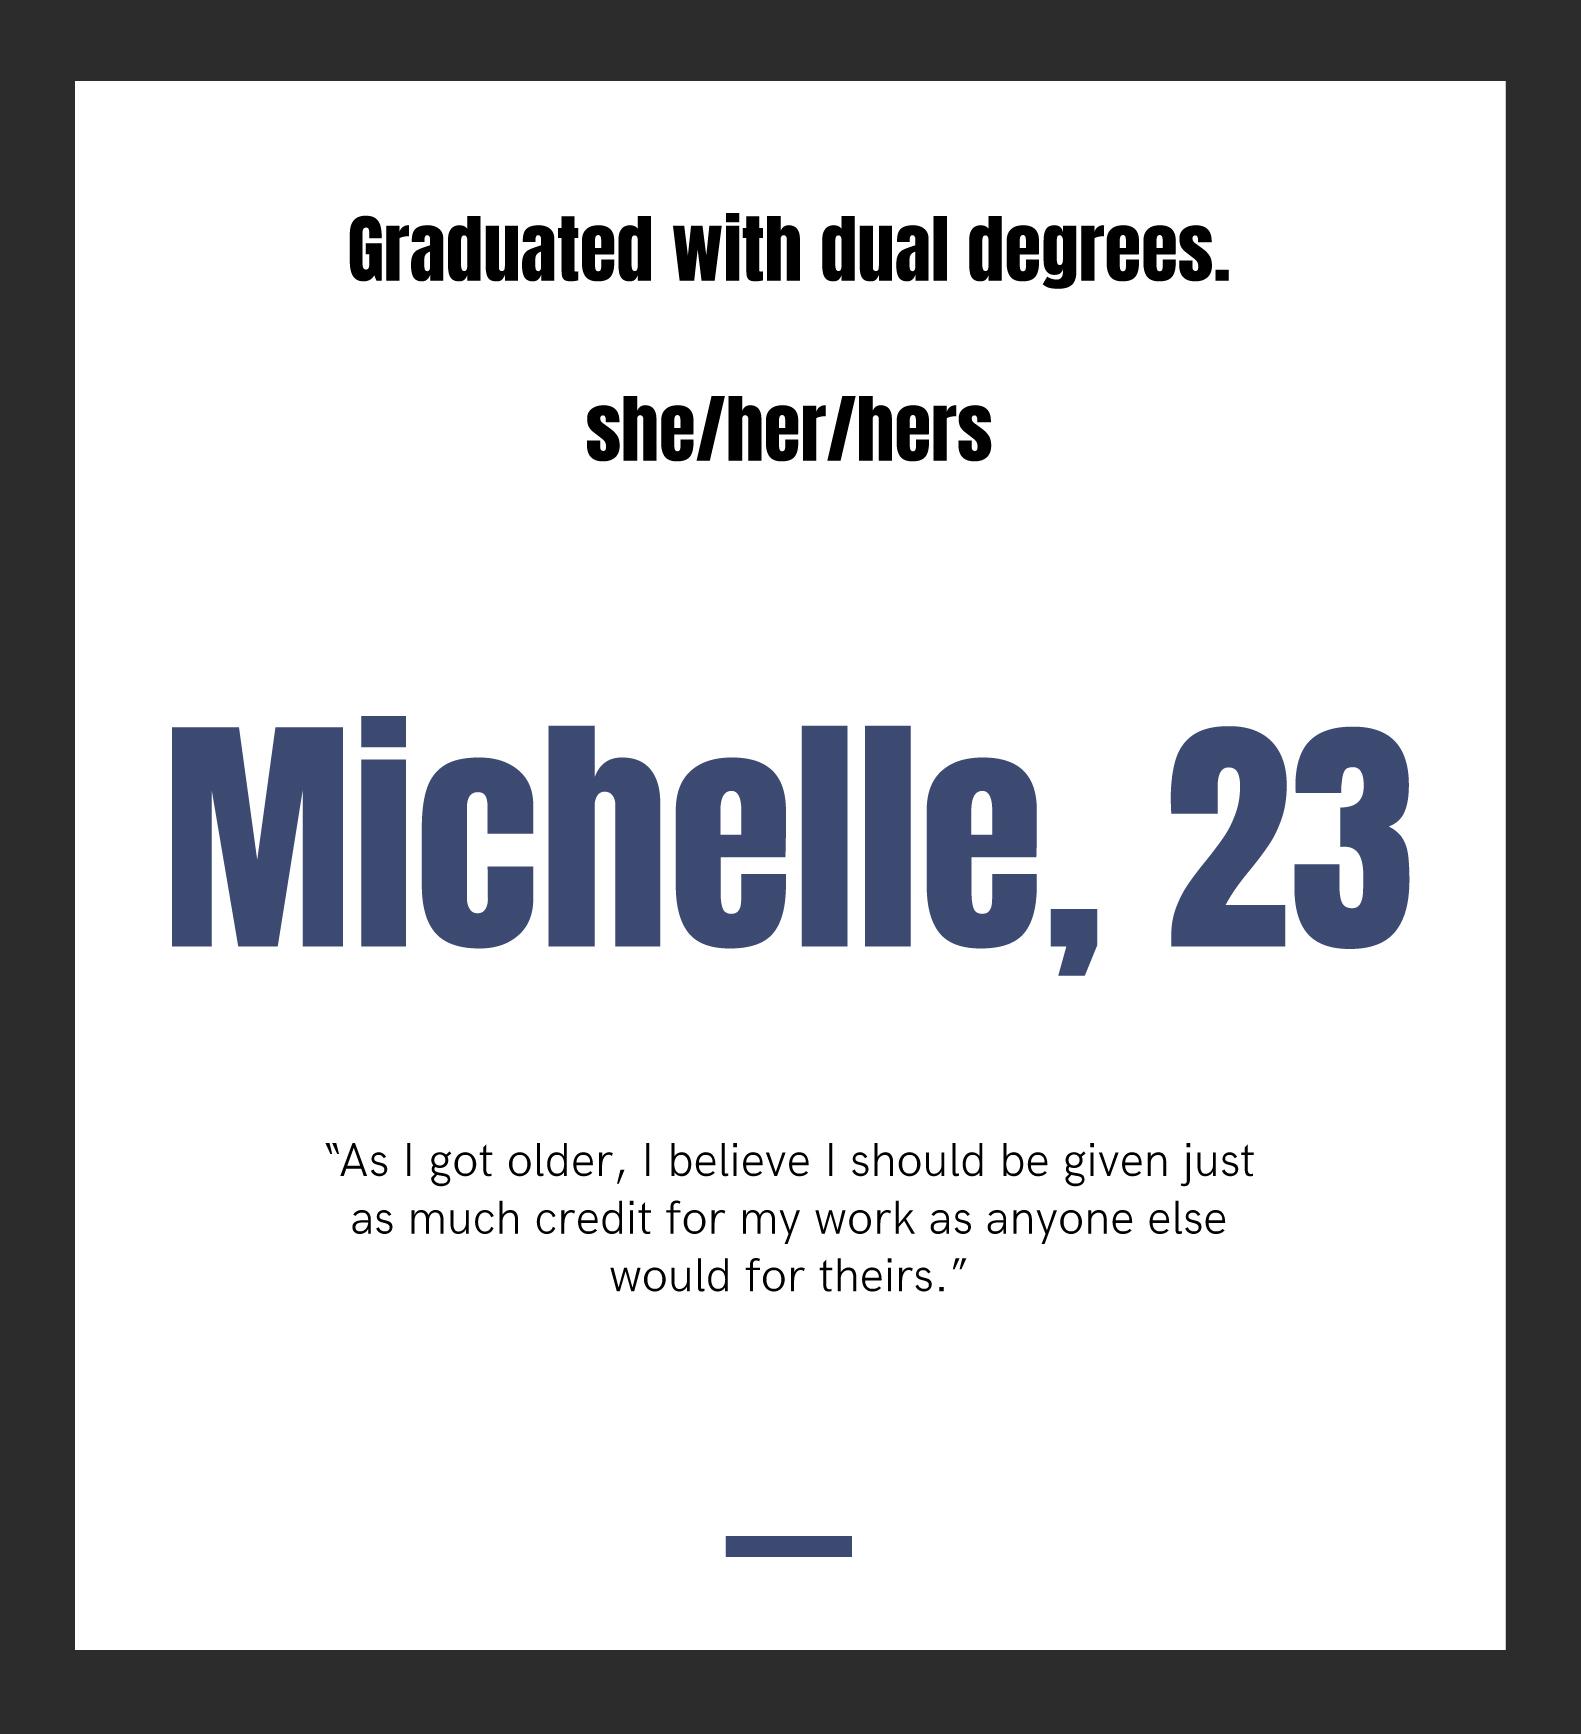 Michelle, 23